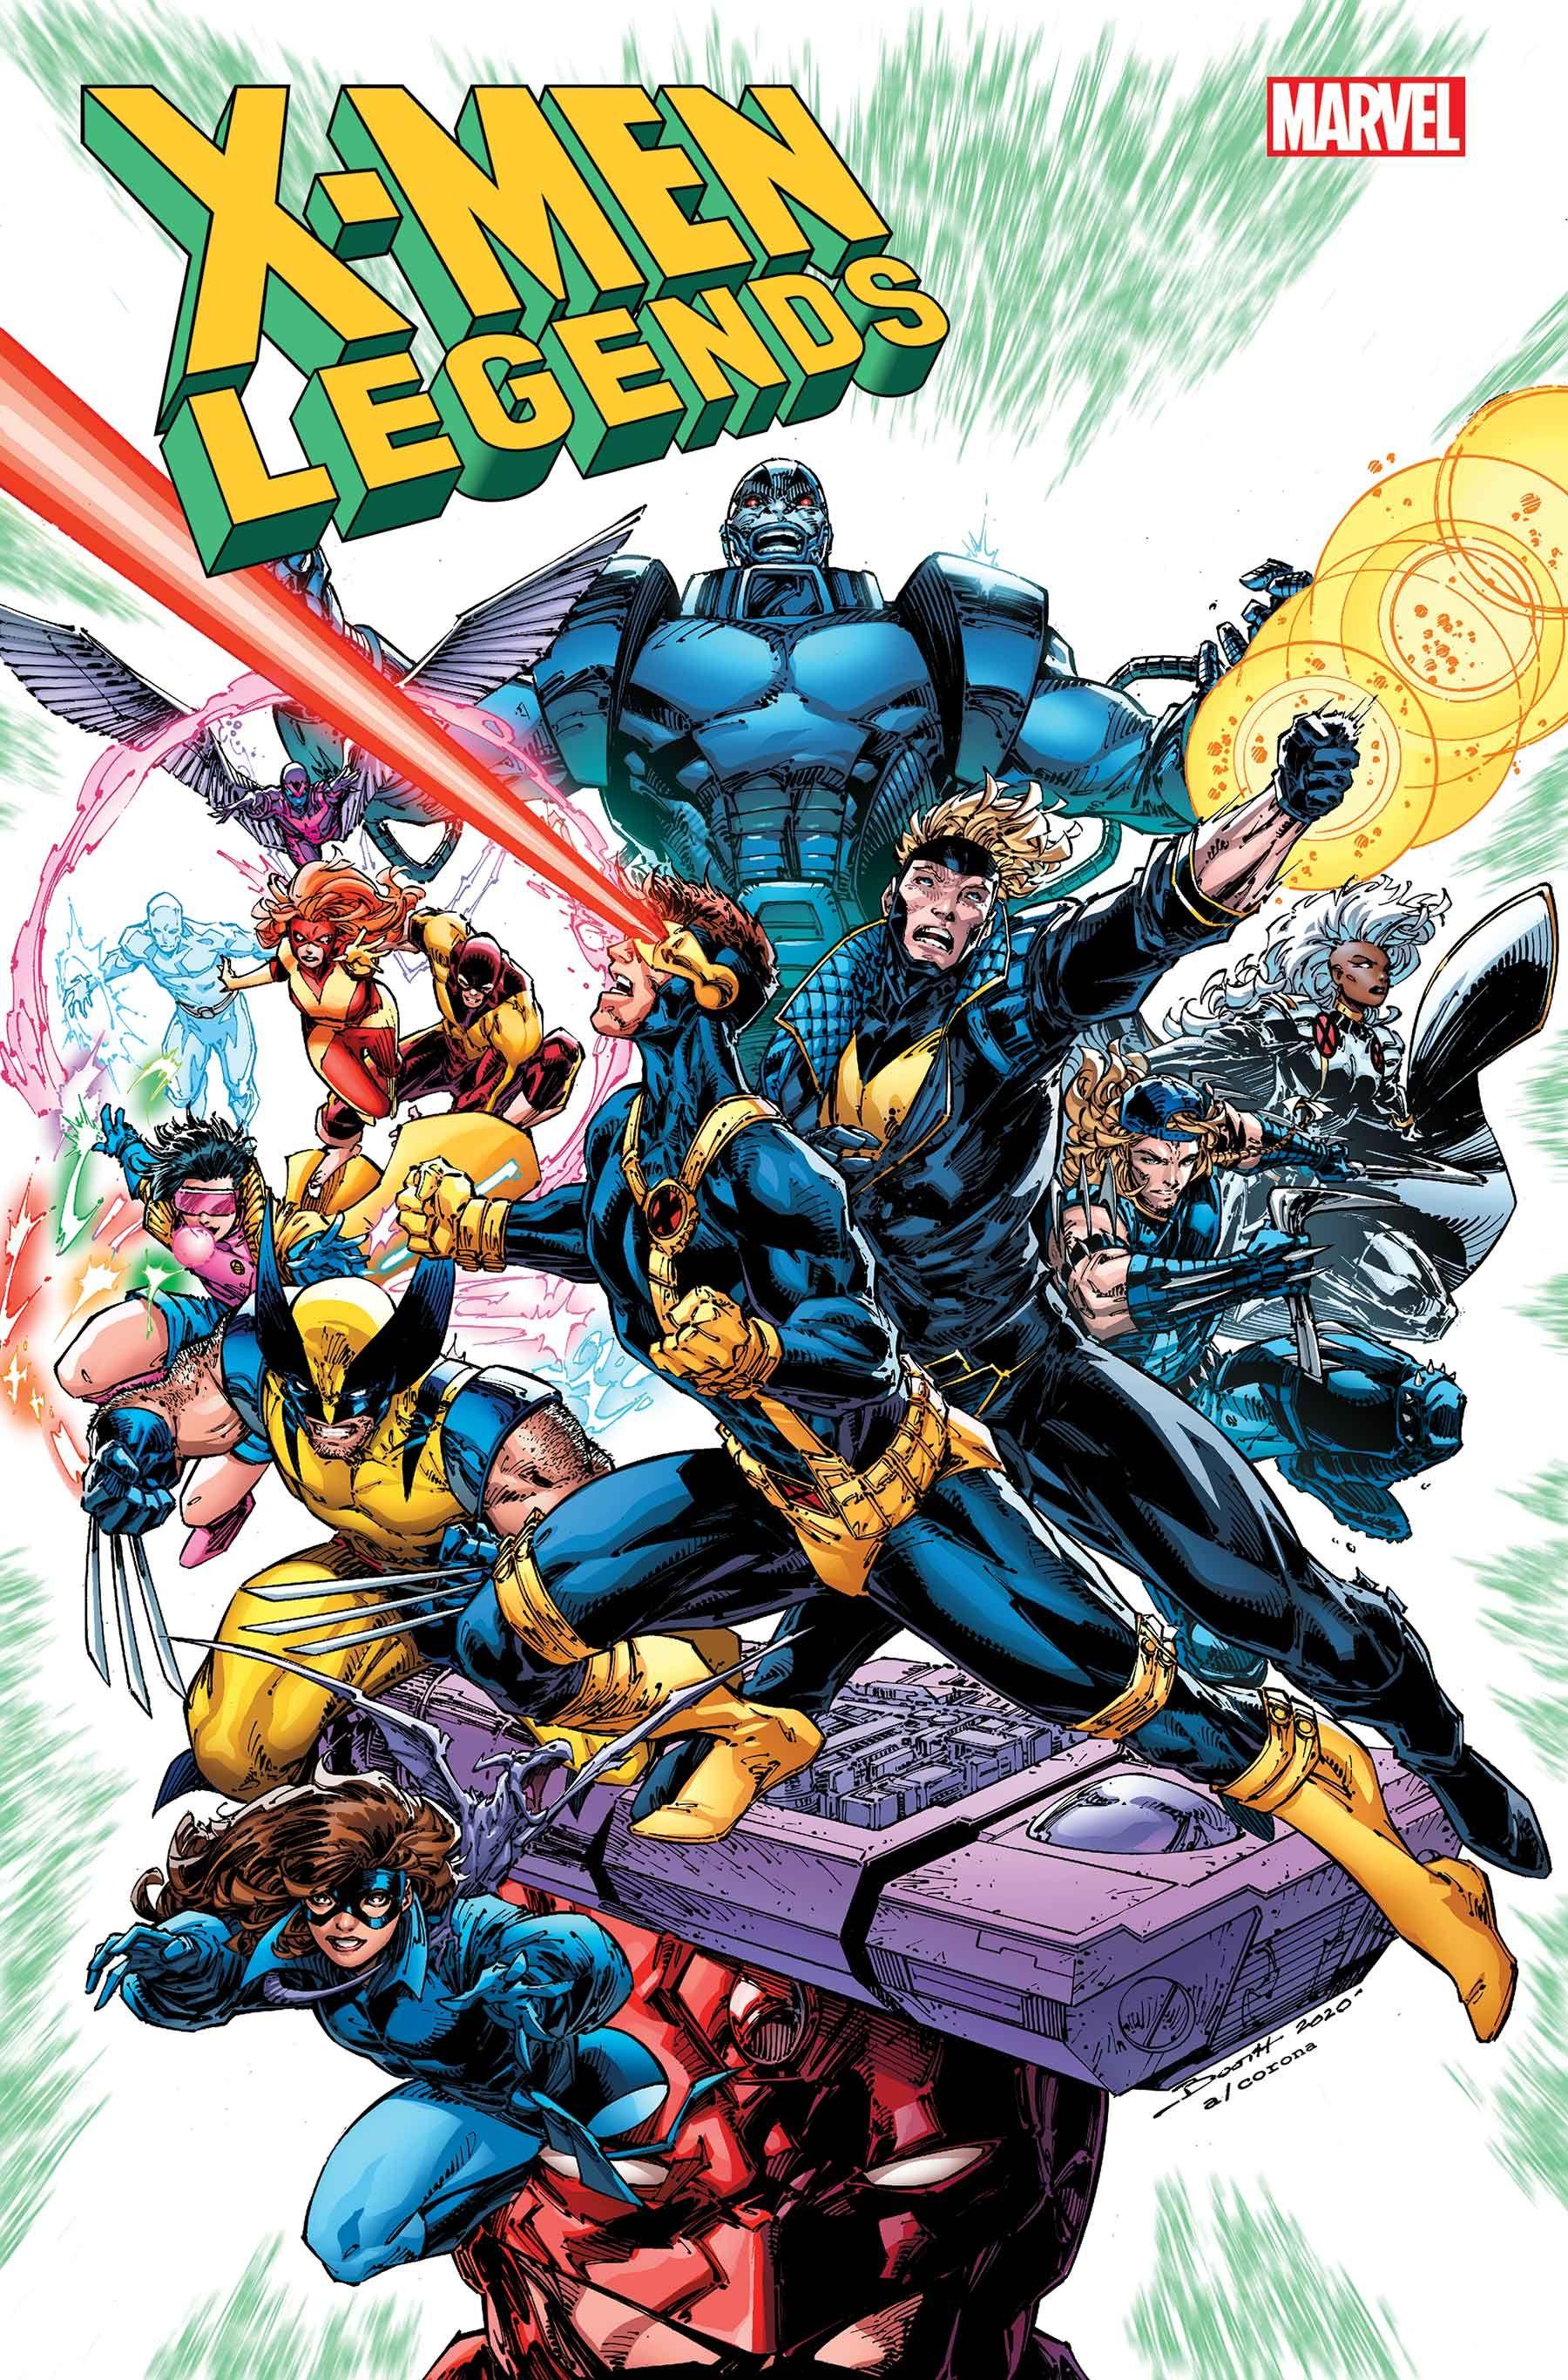 X-Men Legends resolverá o mistério do terceiro irmão de Summers 1